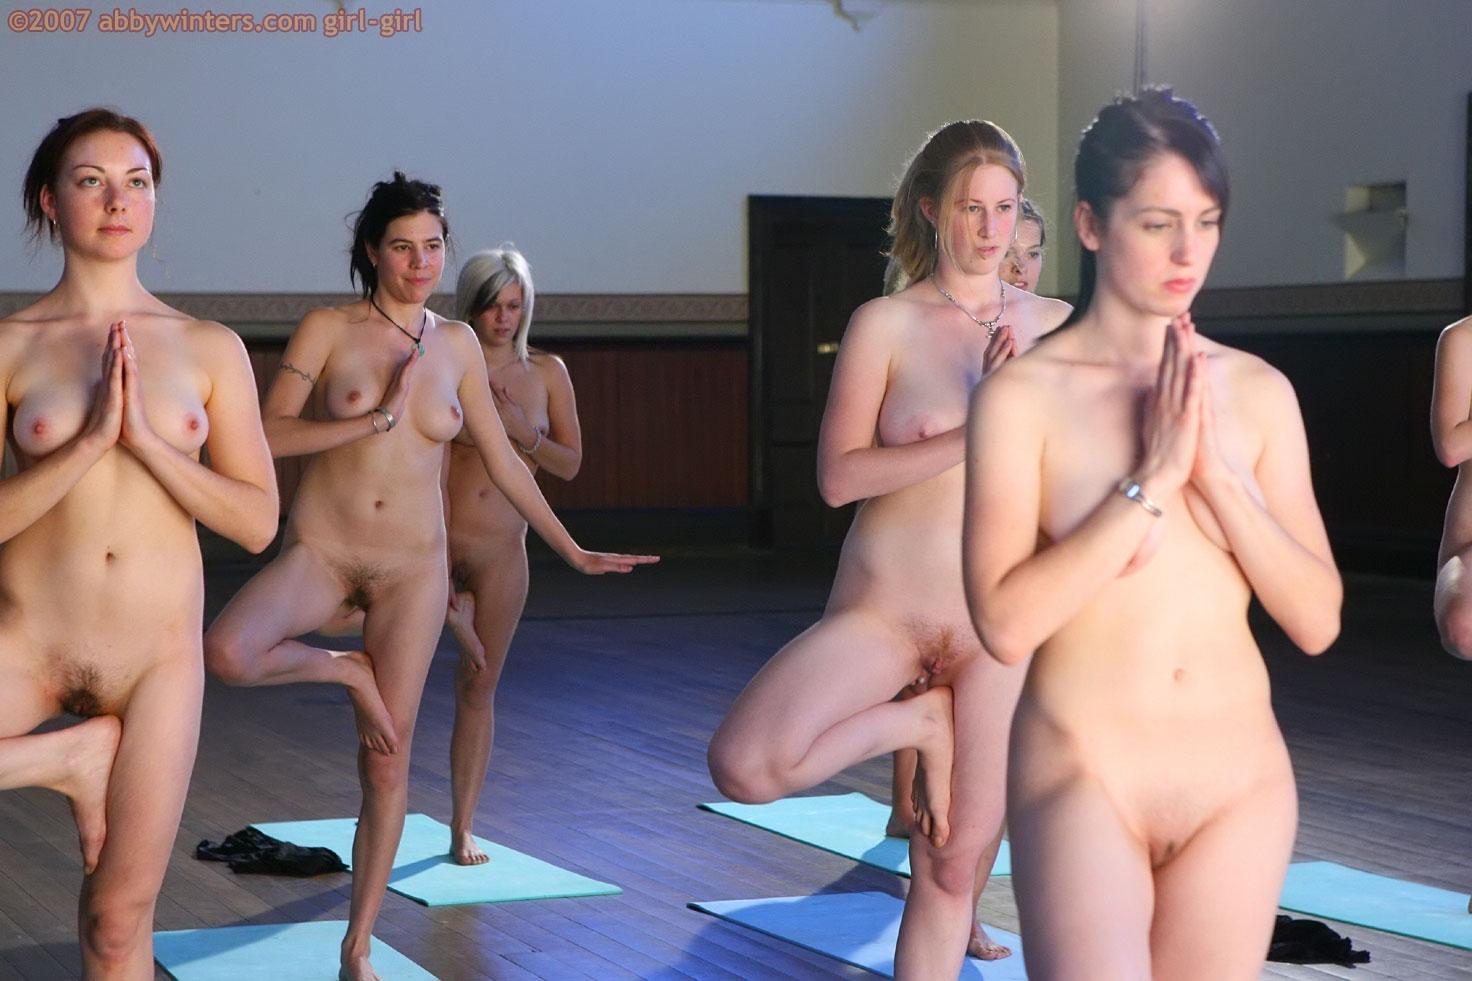 Утренняя зарядка голяком, Утренняя зарядка Каталог эротического видео 20 фотография